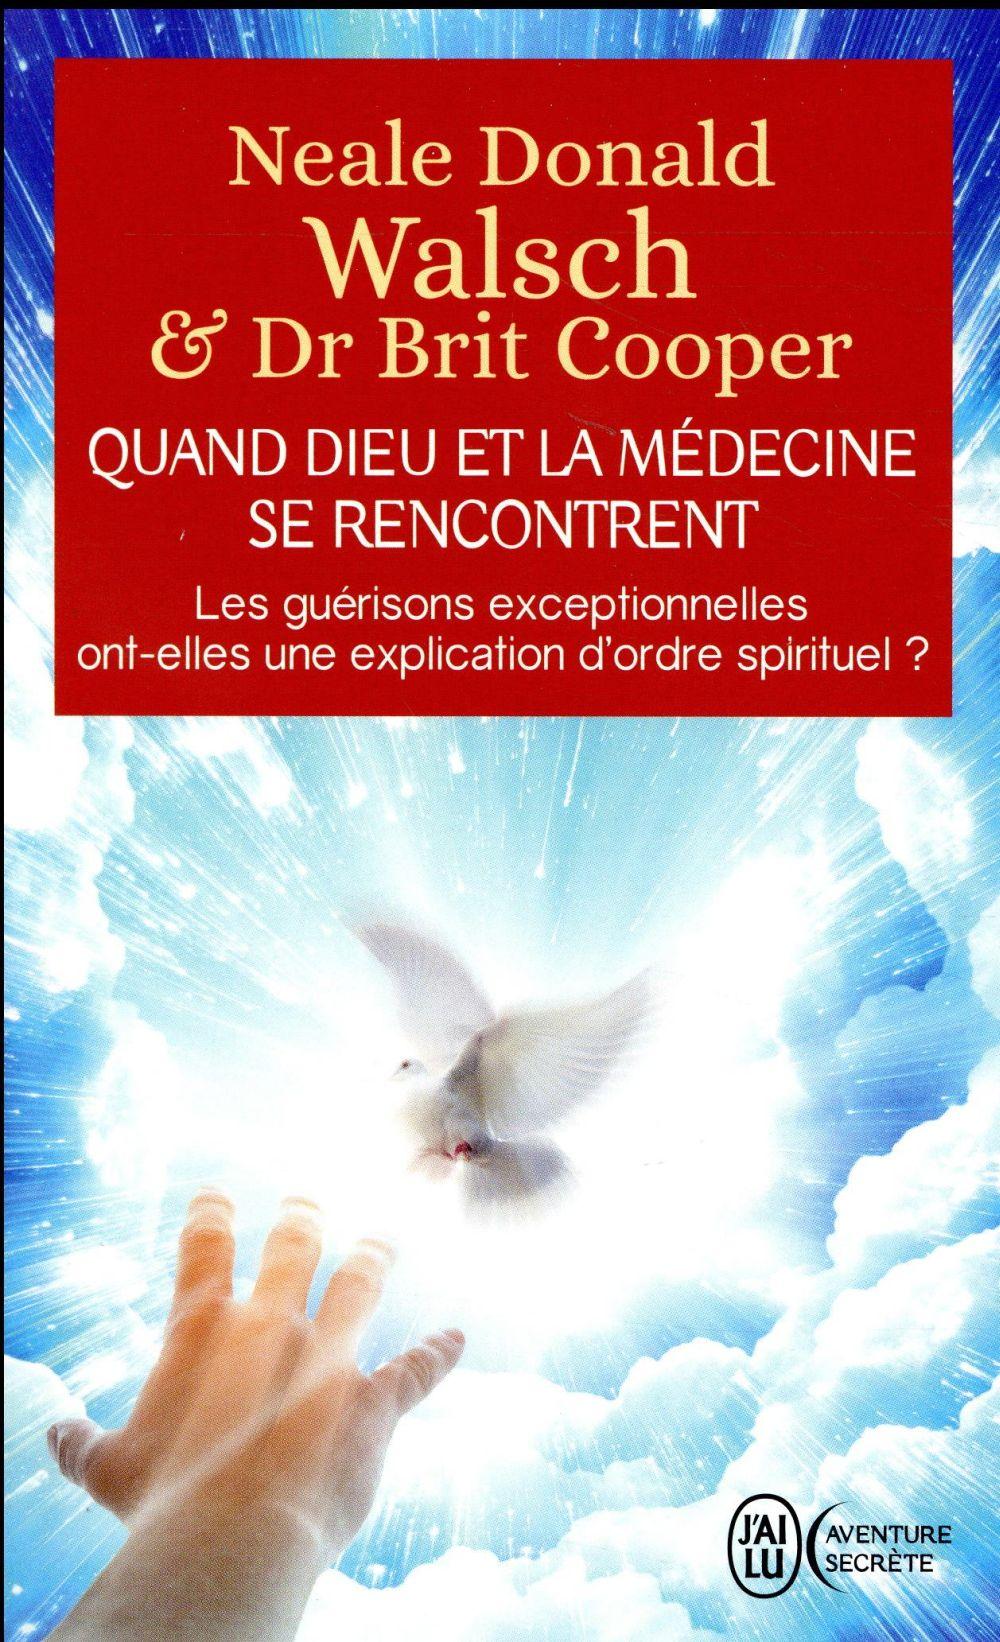 Quand Dieu et la médecine se rencontrent ; les guérisons exceptionnelles ont-elles une explication d'ordre spirituel ?